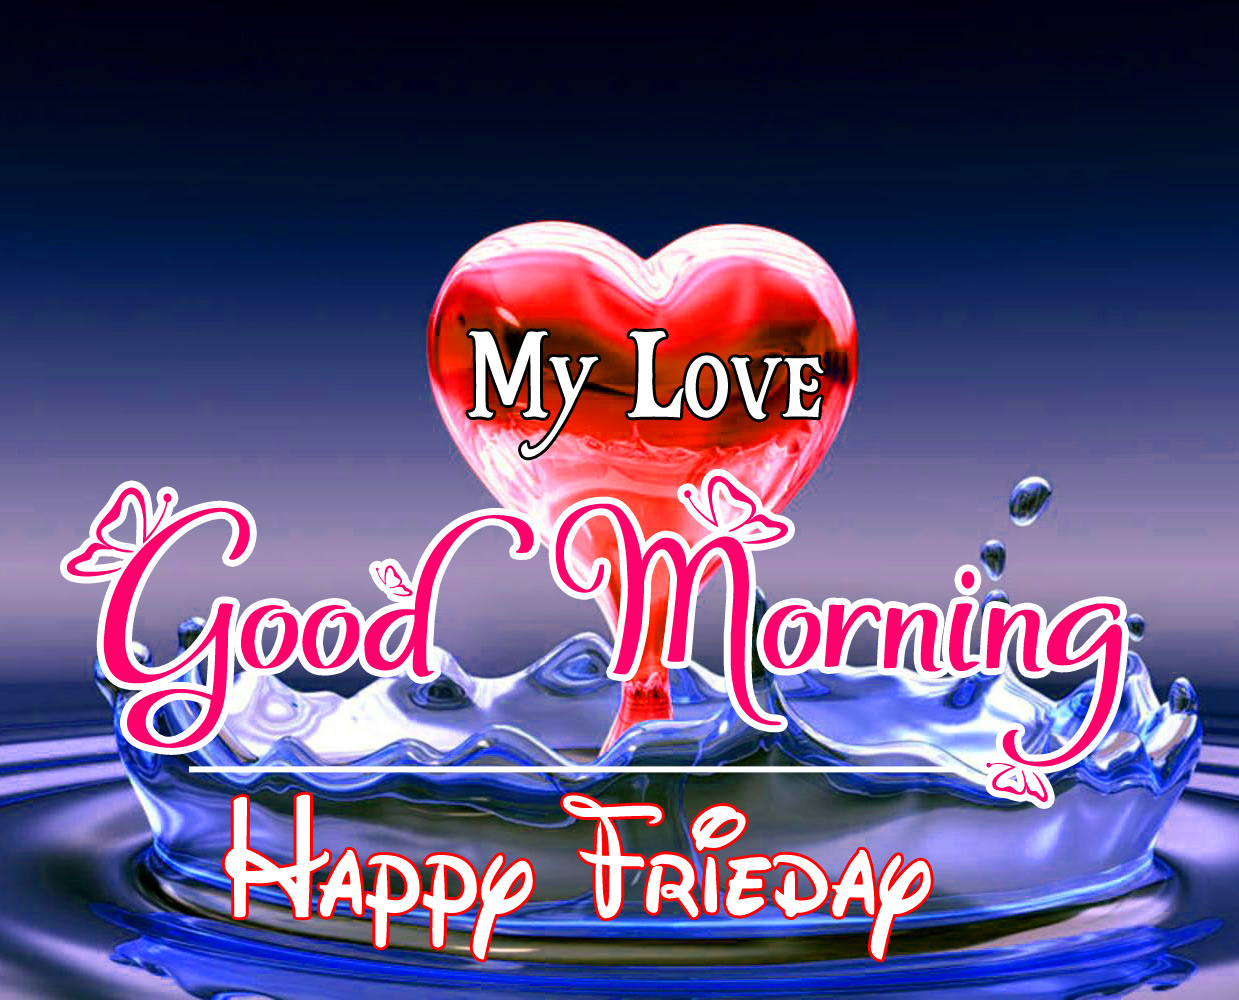 Good Morning Wishes Image 11